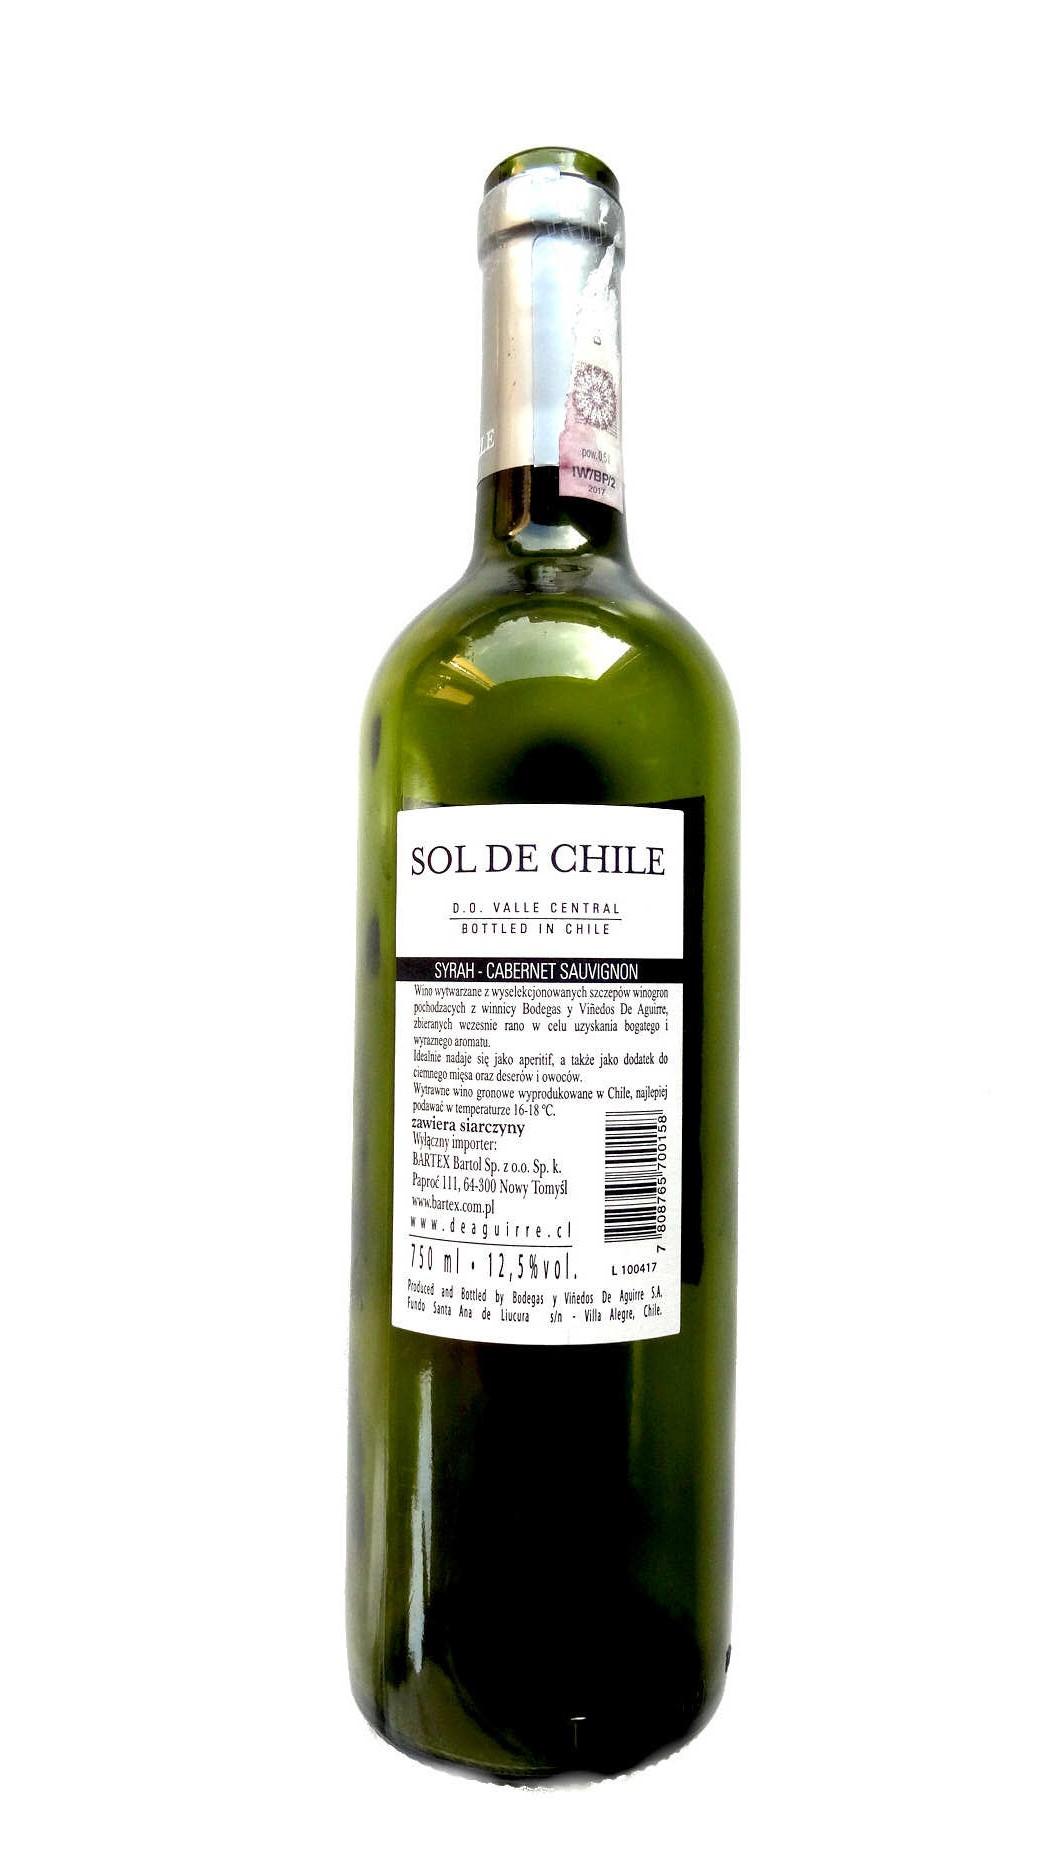 chilijskie wino czerwone wytrawne wytrawne sol de chile wine angellovesdreams